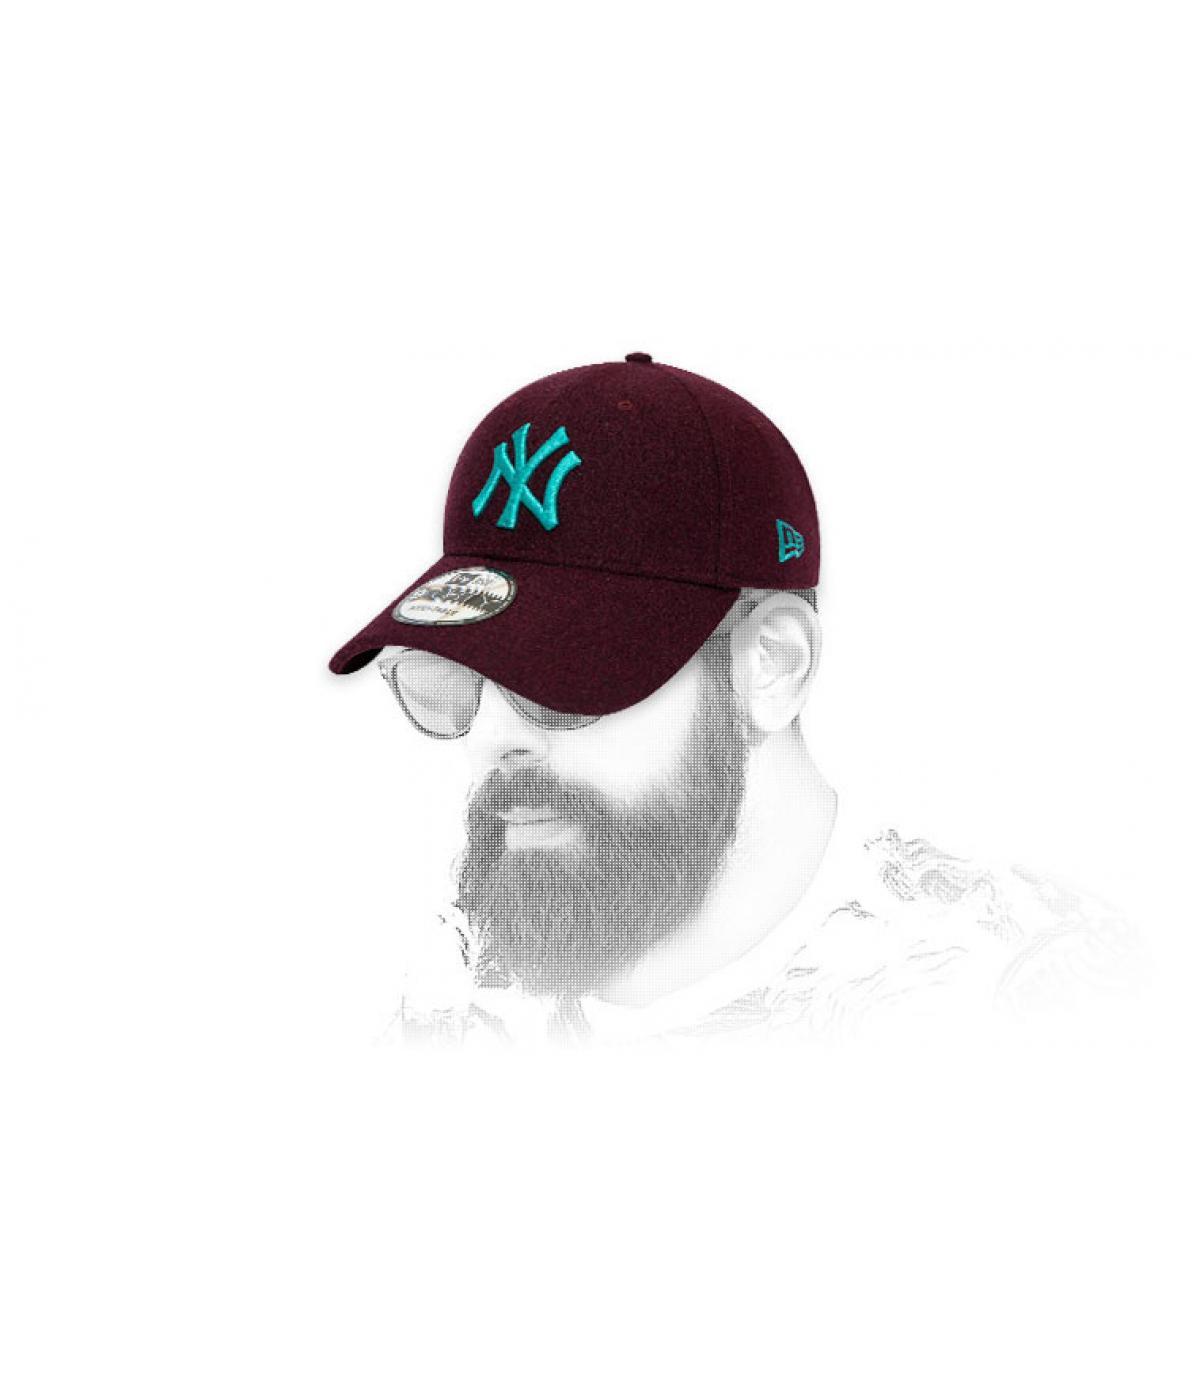 Cappellino NY bordeaux in lana blu